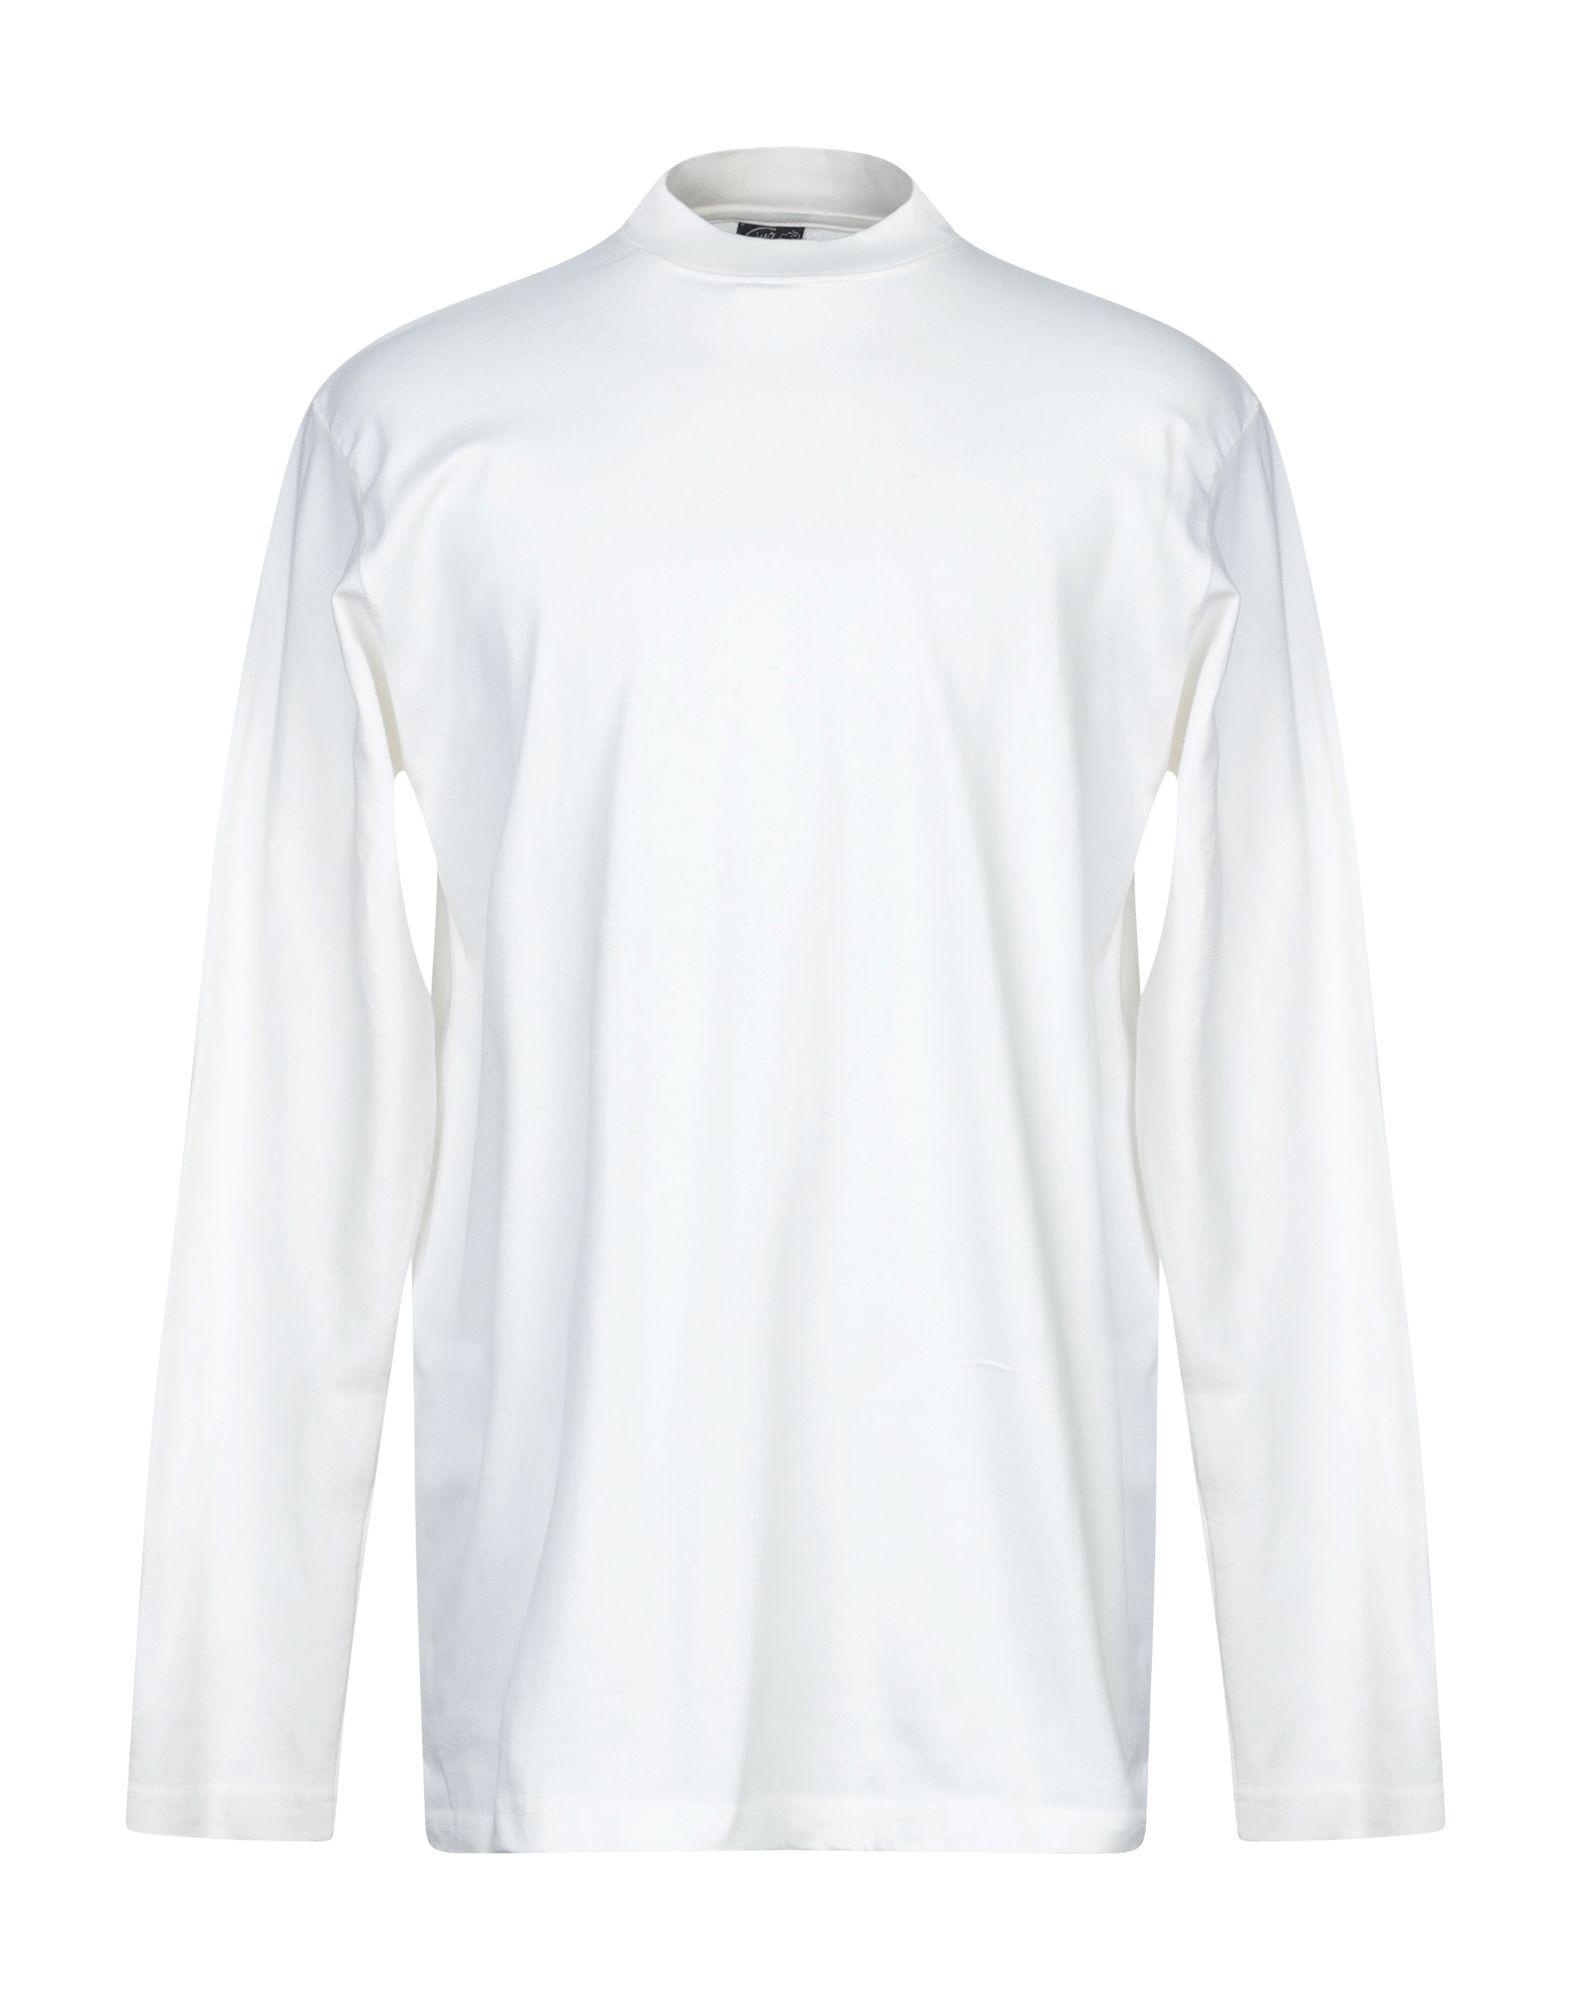 белые футболки купить мужские